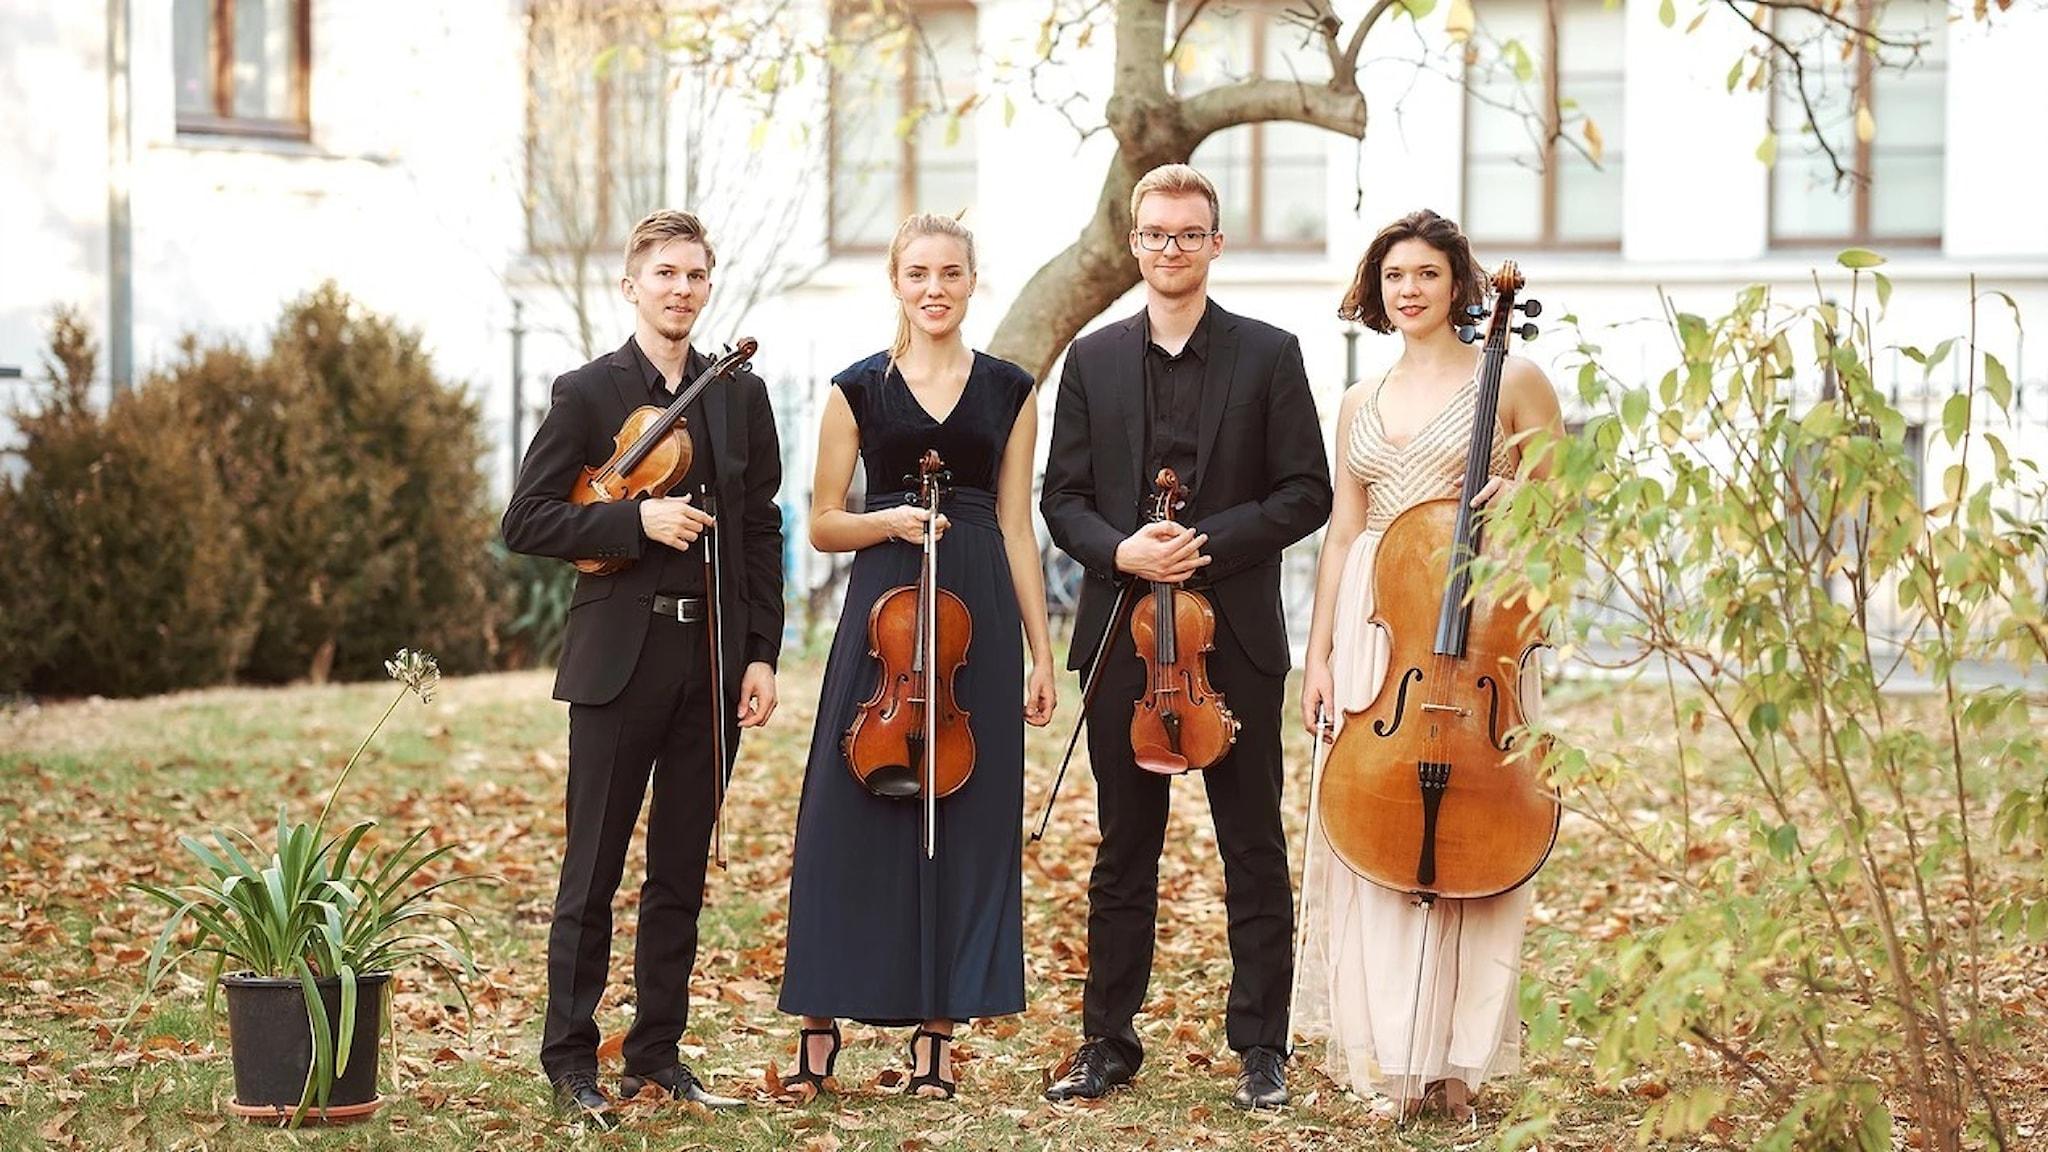 Bild: Gyldfeldtkvartetten.